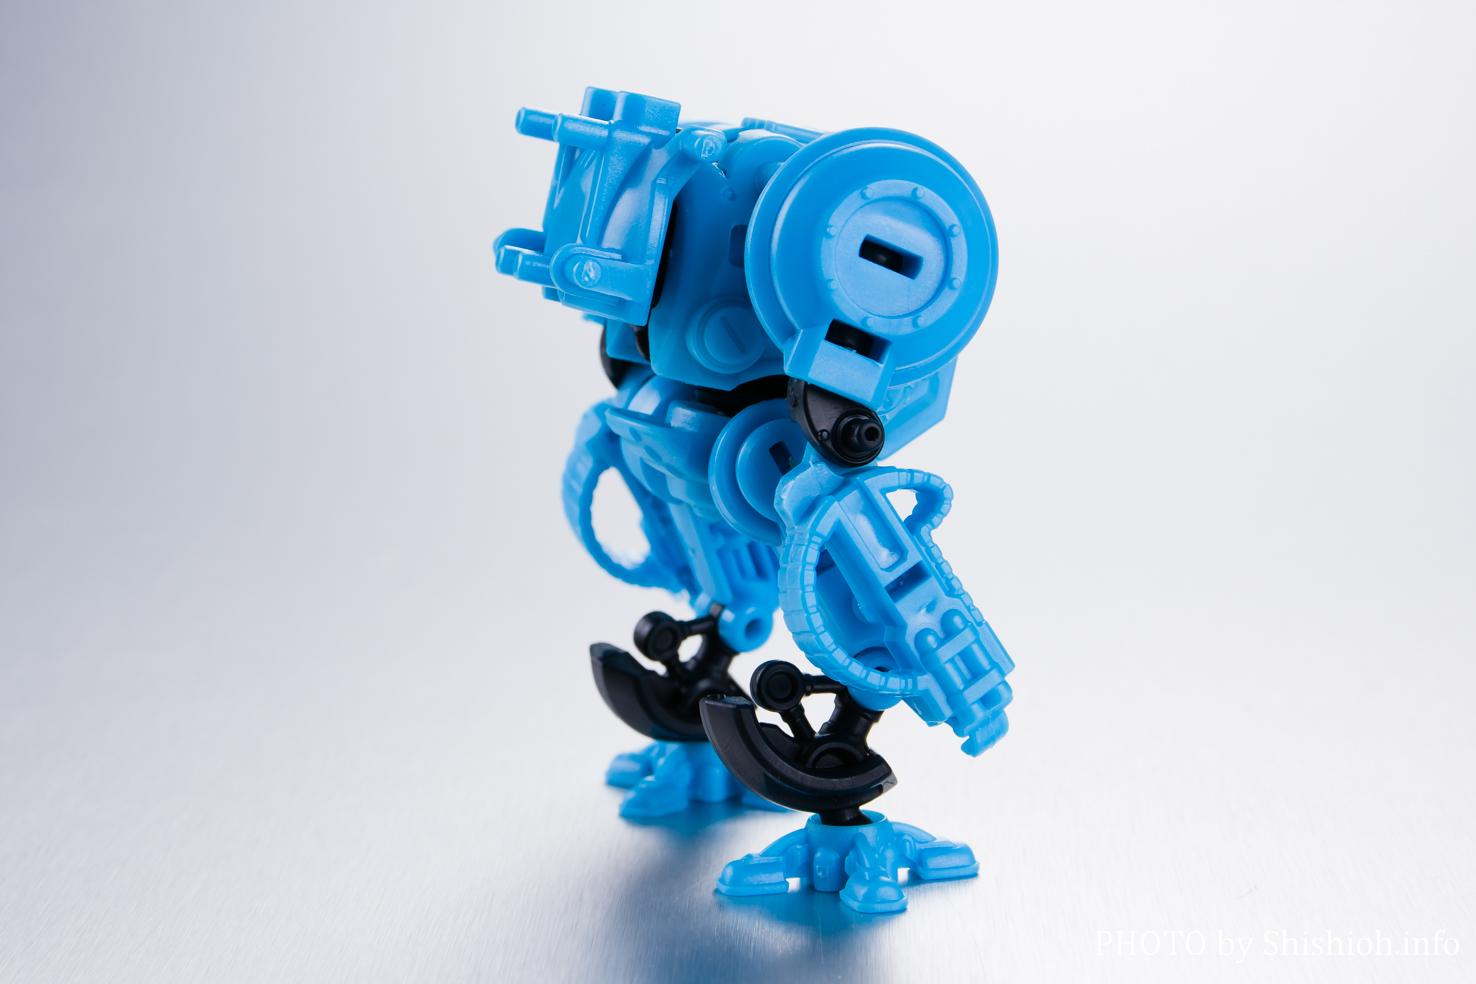 POCKETTITANS ROBOT Rf BOMBER